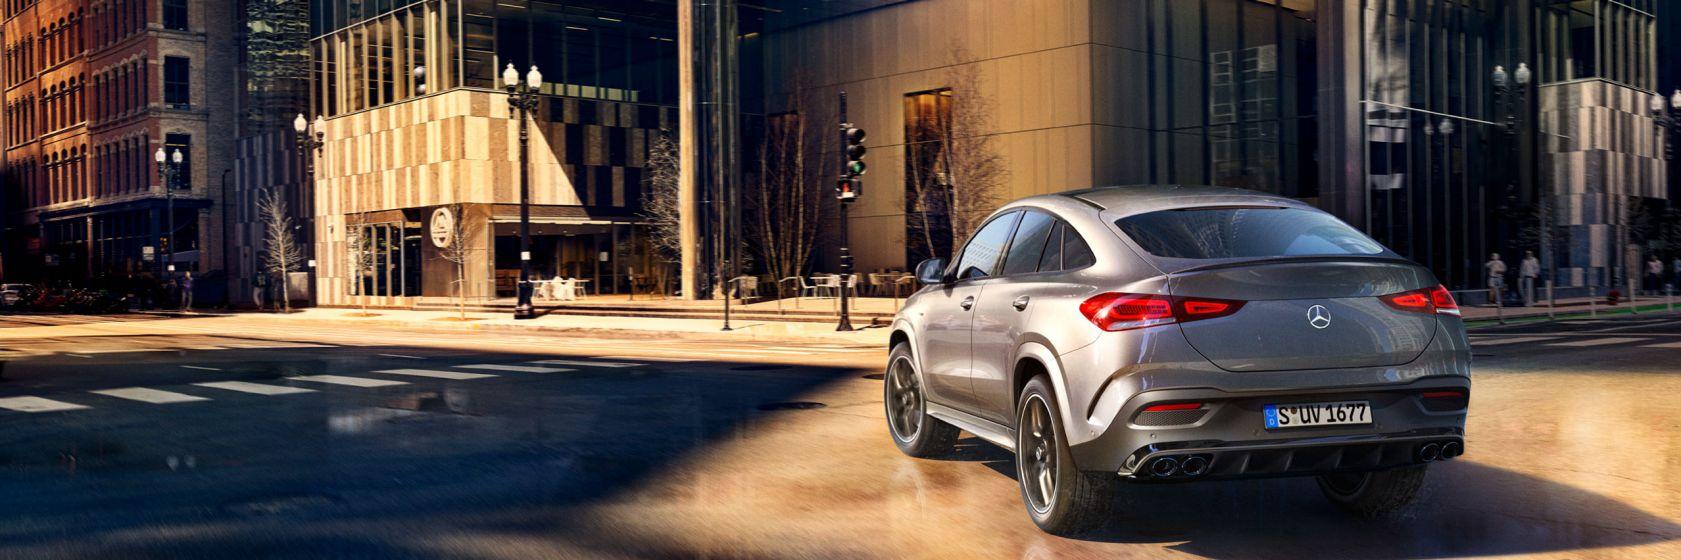 Безопасность Mercedes-Benz GLE Coupe